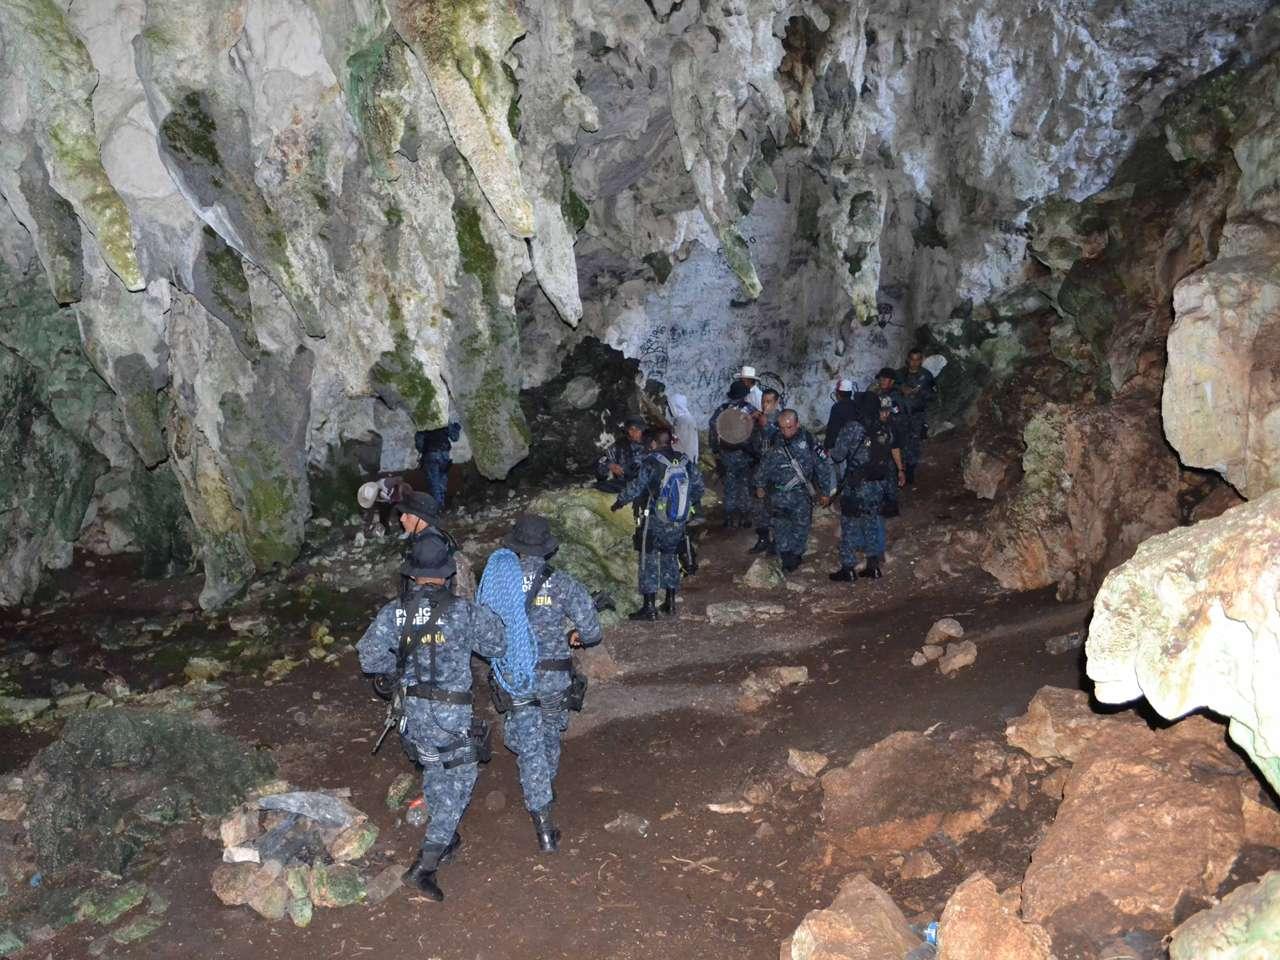 Búsqueda de normalistas se extiende a cuevas en Guerrero Foto: Comisión Nacional de Seguridad (CNS)